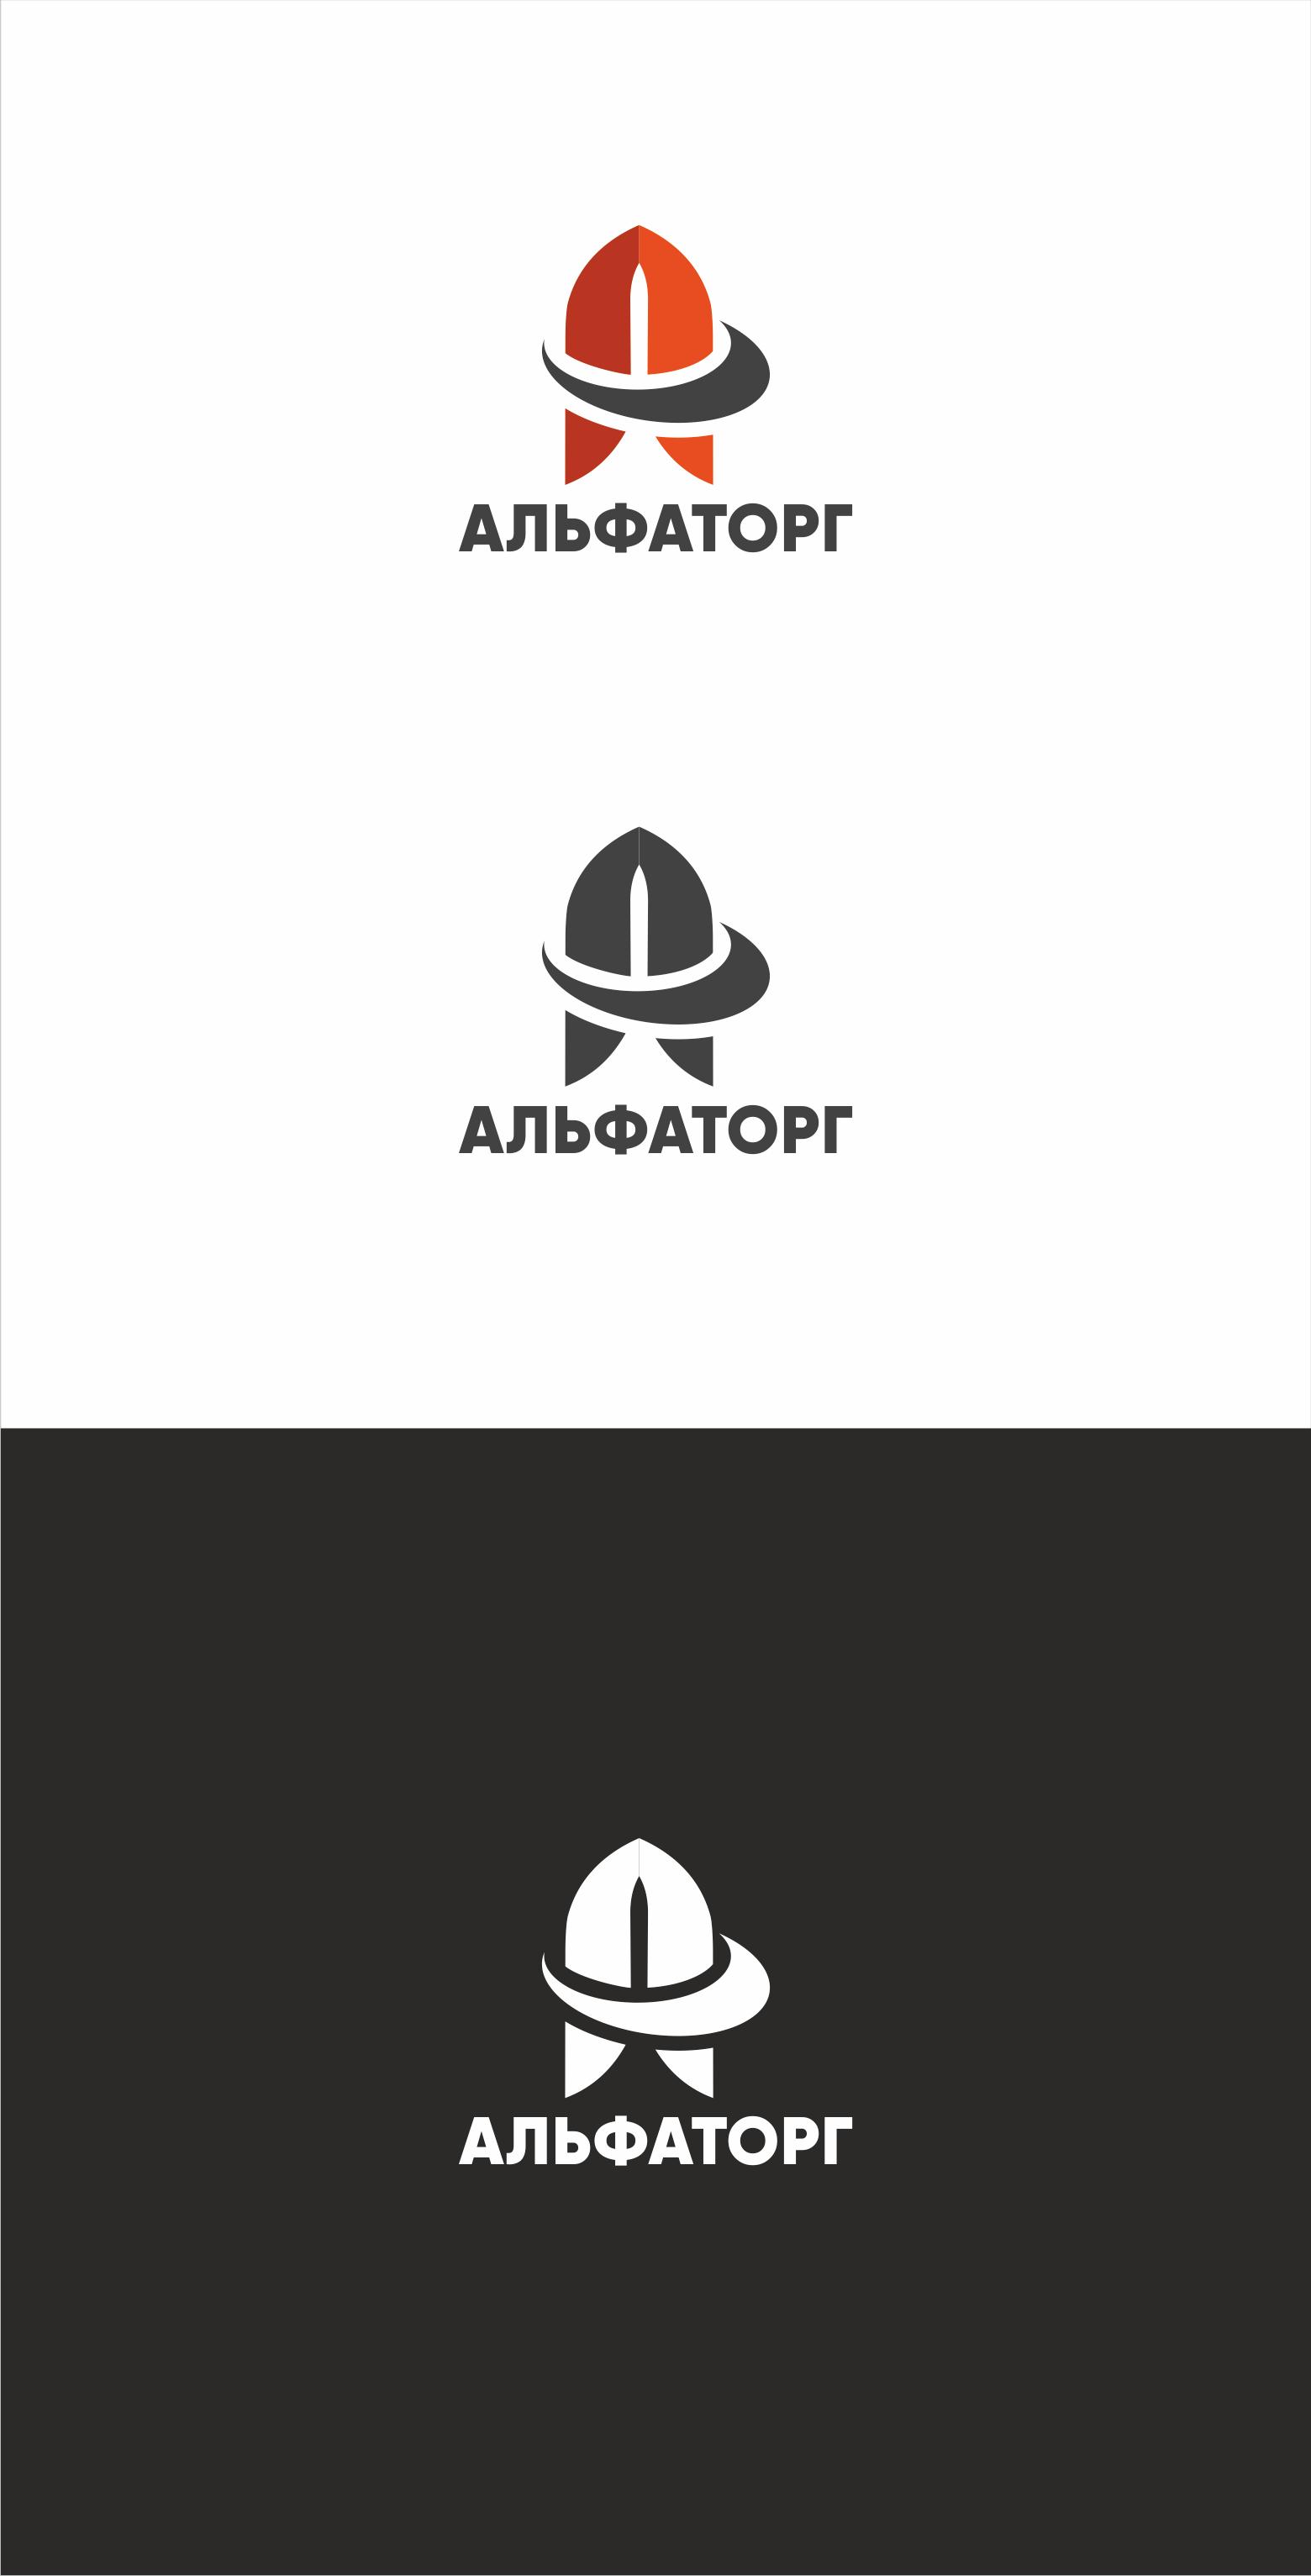 Логотип и фирменный стиль фото f_7405ef76f7daae40.png